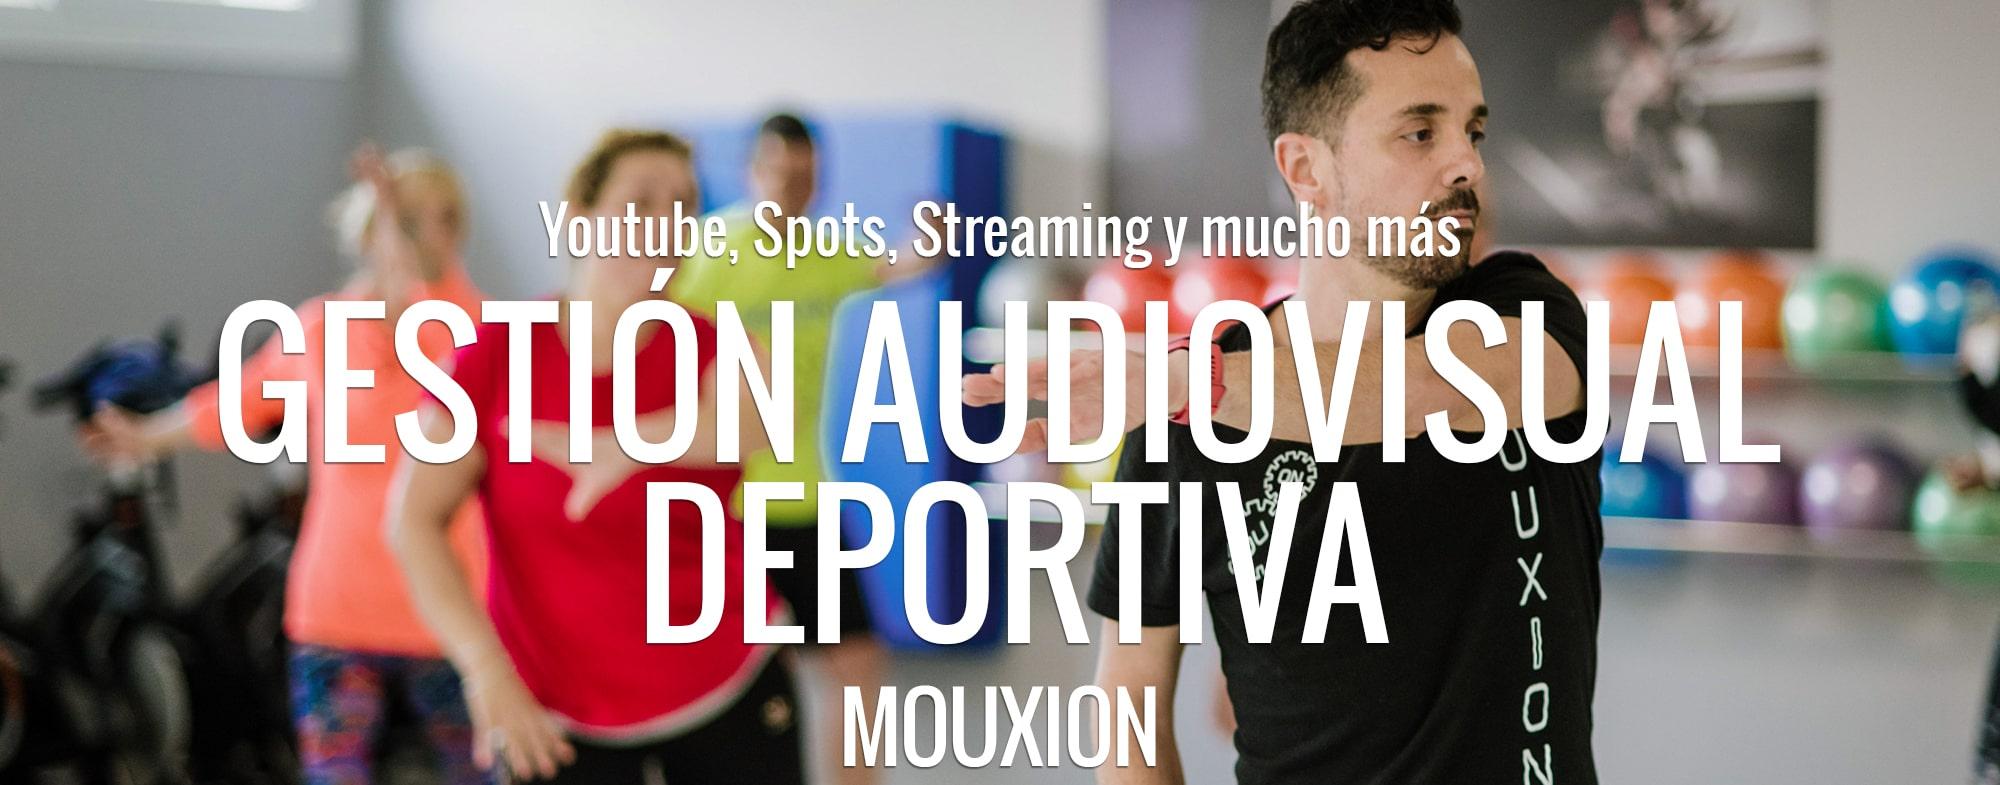 Gestión Audiovisual Deportiva Youtube